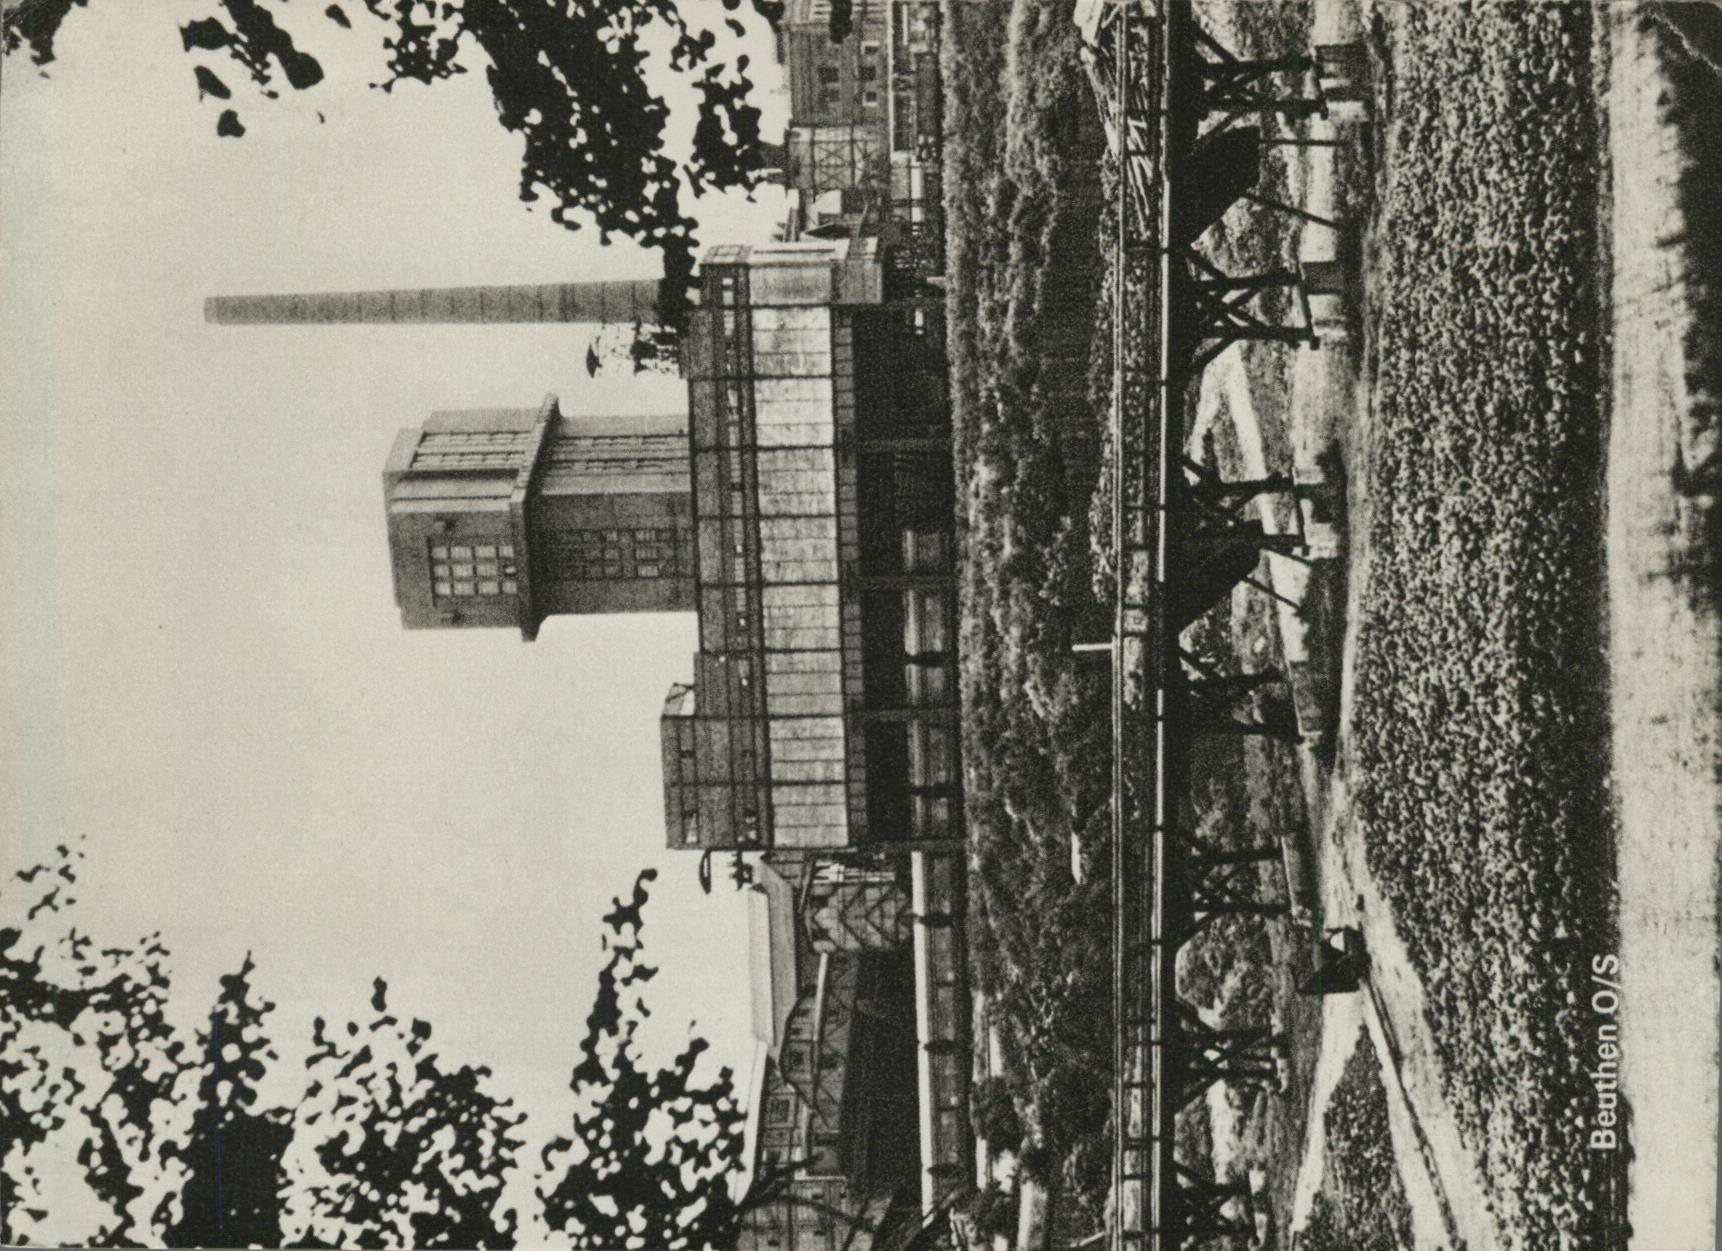 Beuthen O/S. Die Hohenzollerngrube mit dem modernsten Schachtturm Oberschlesien. Foto Löhrich. AK s/w ( Repro?). Fabrikanlage, Schornstein